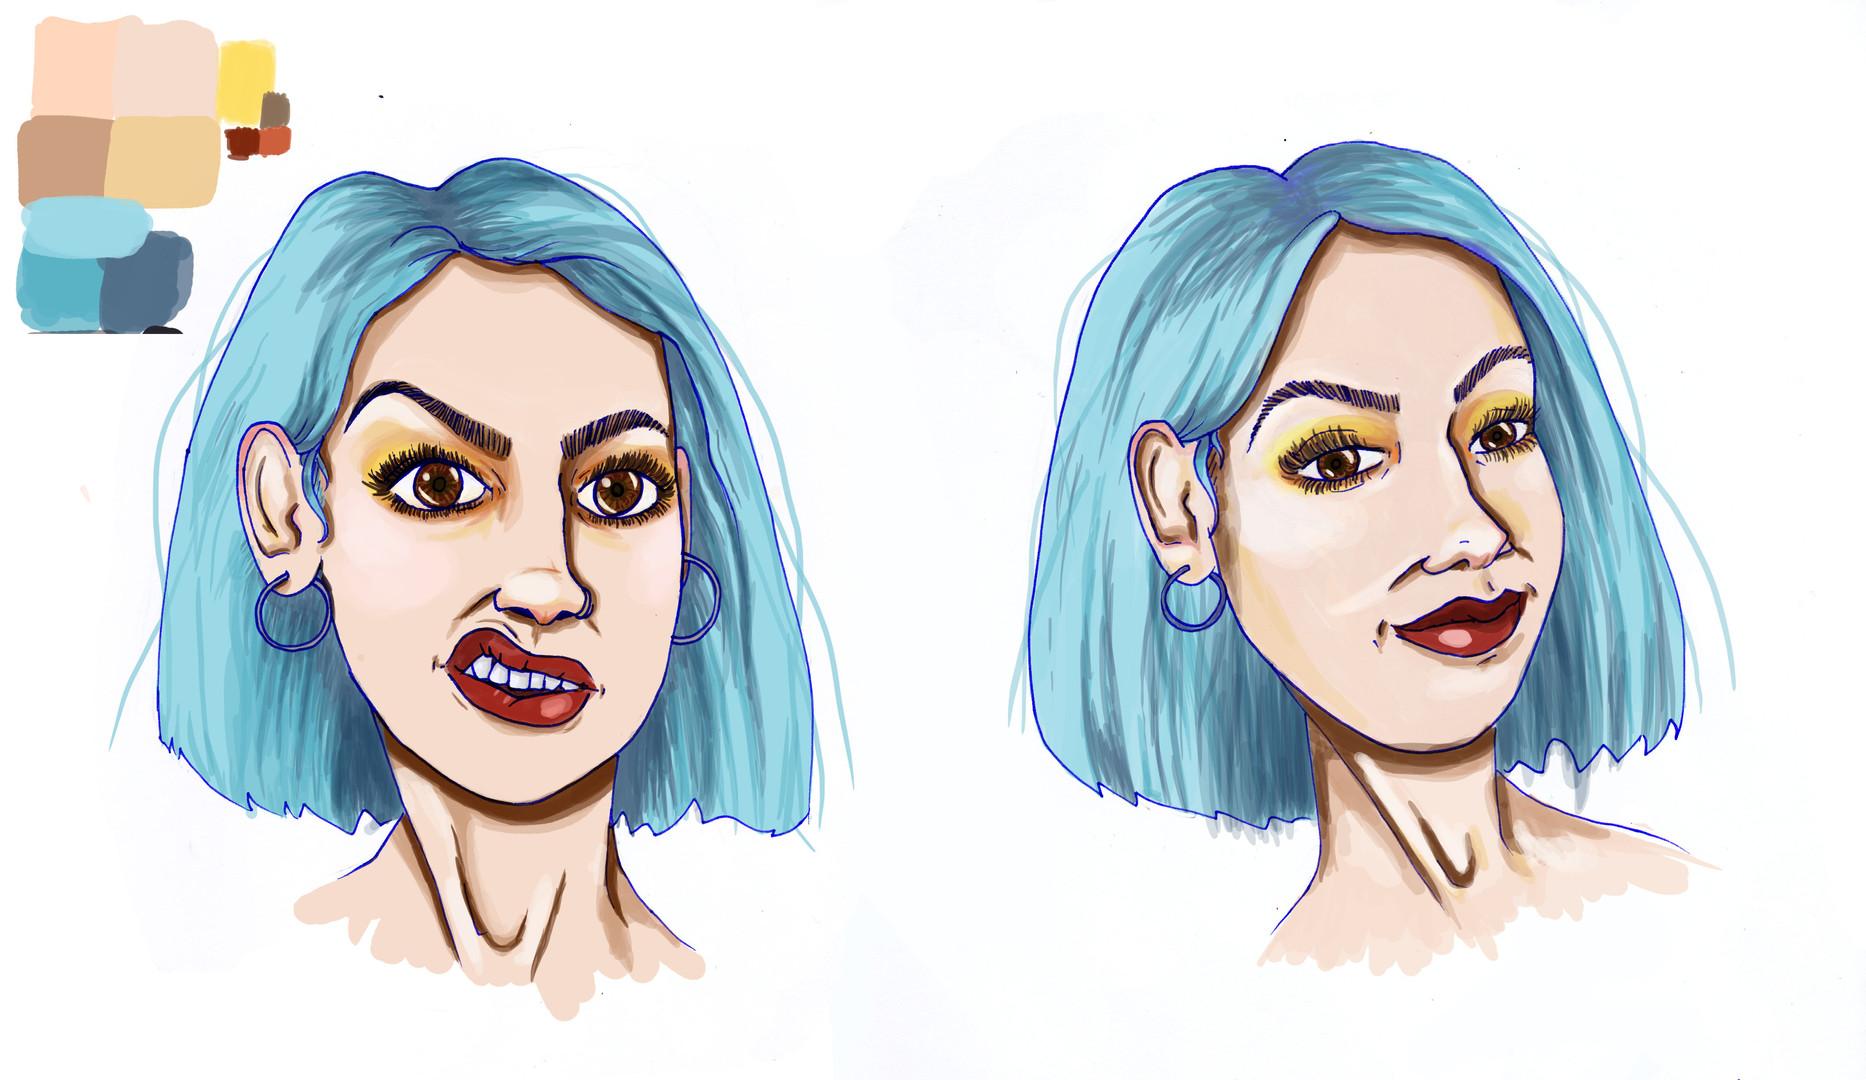 Eva faces